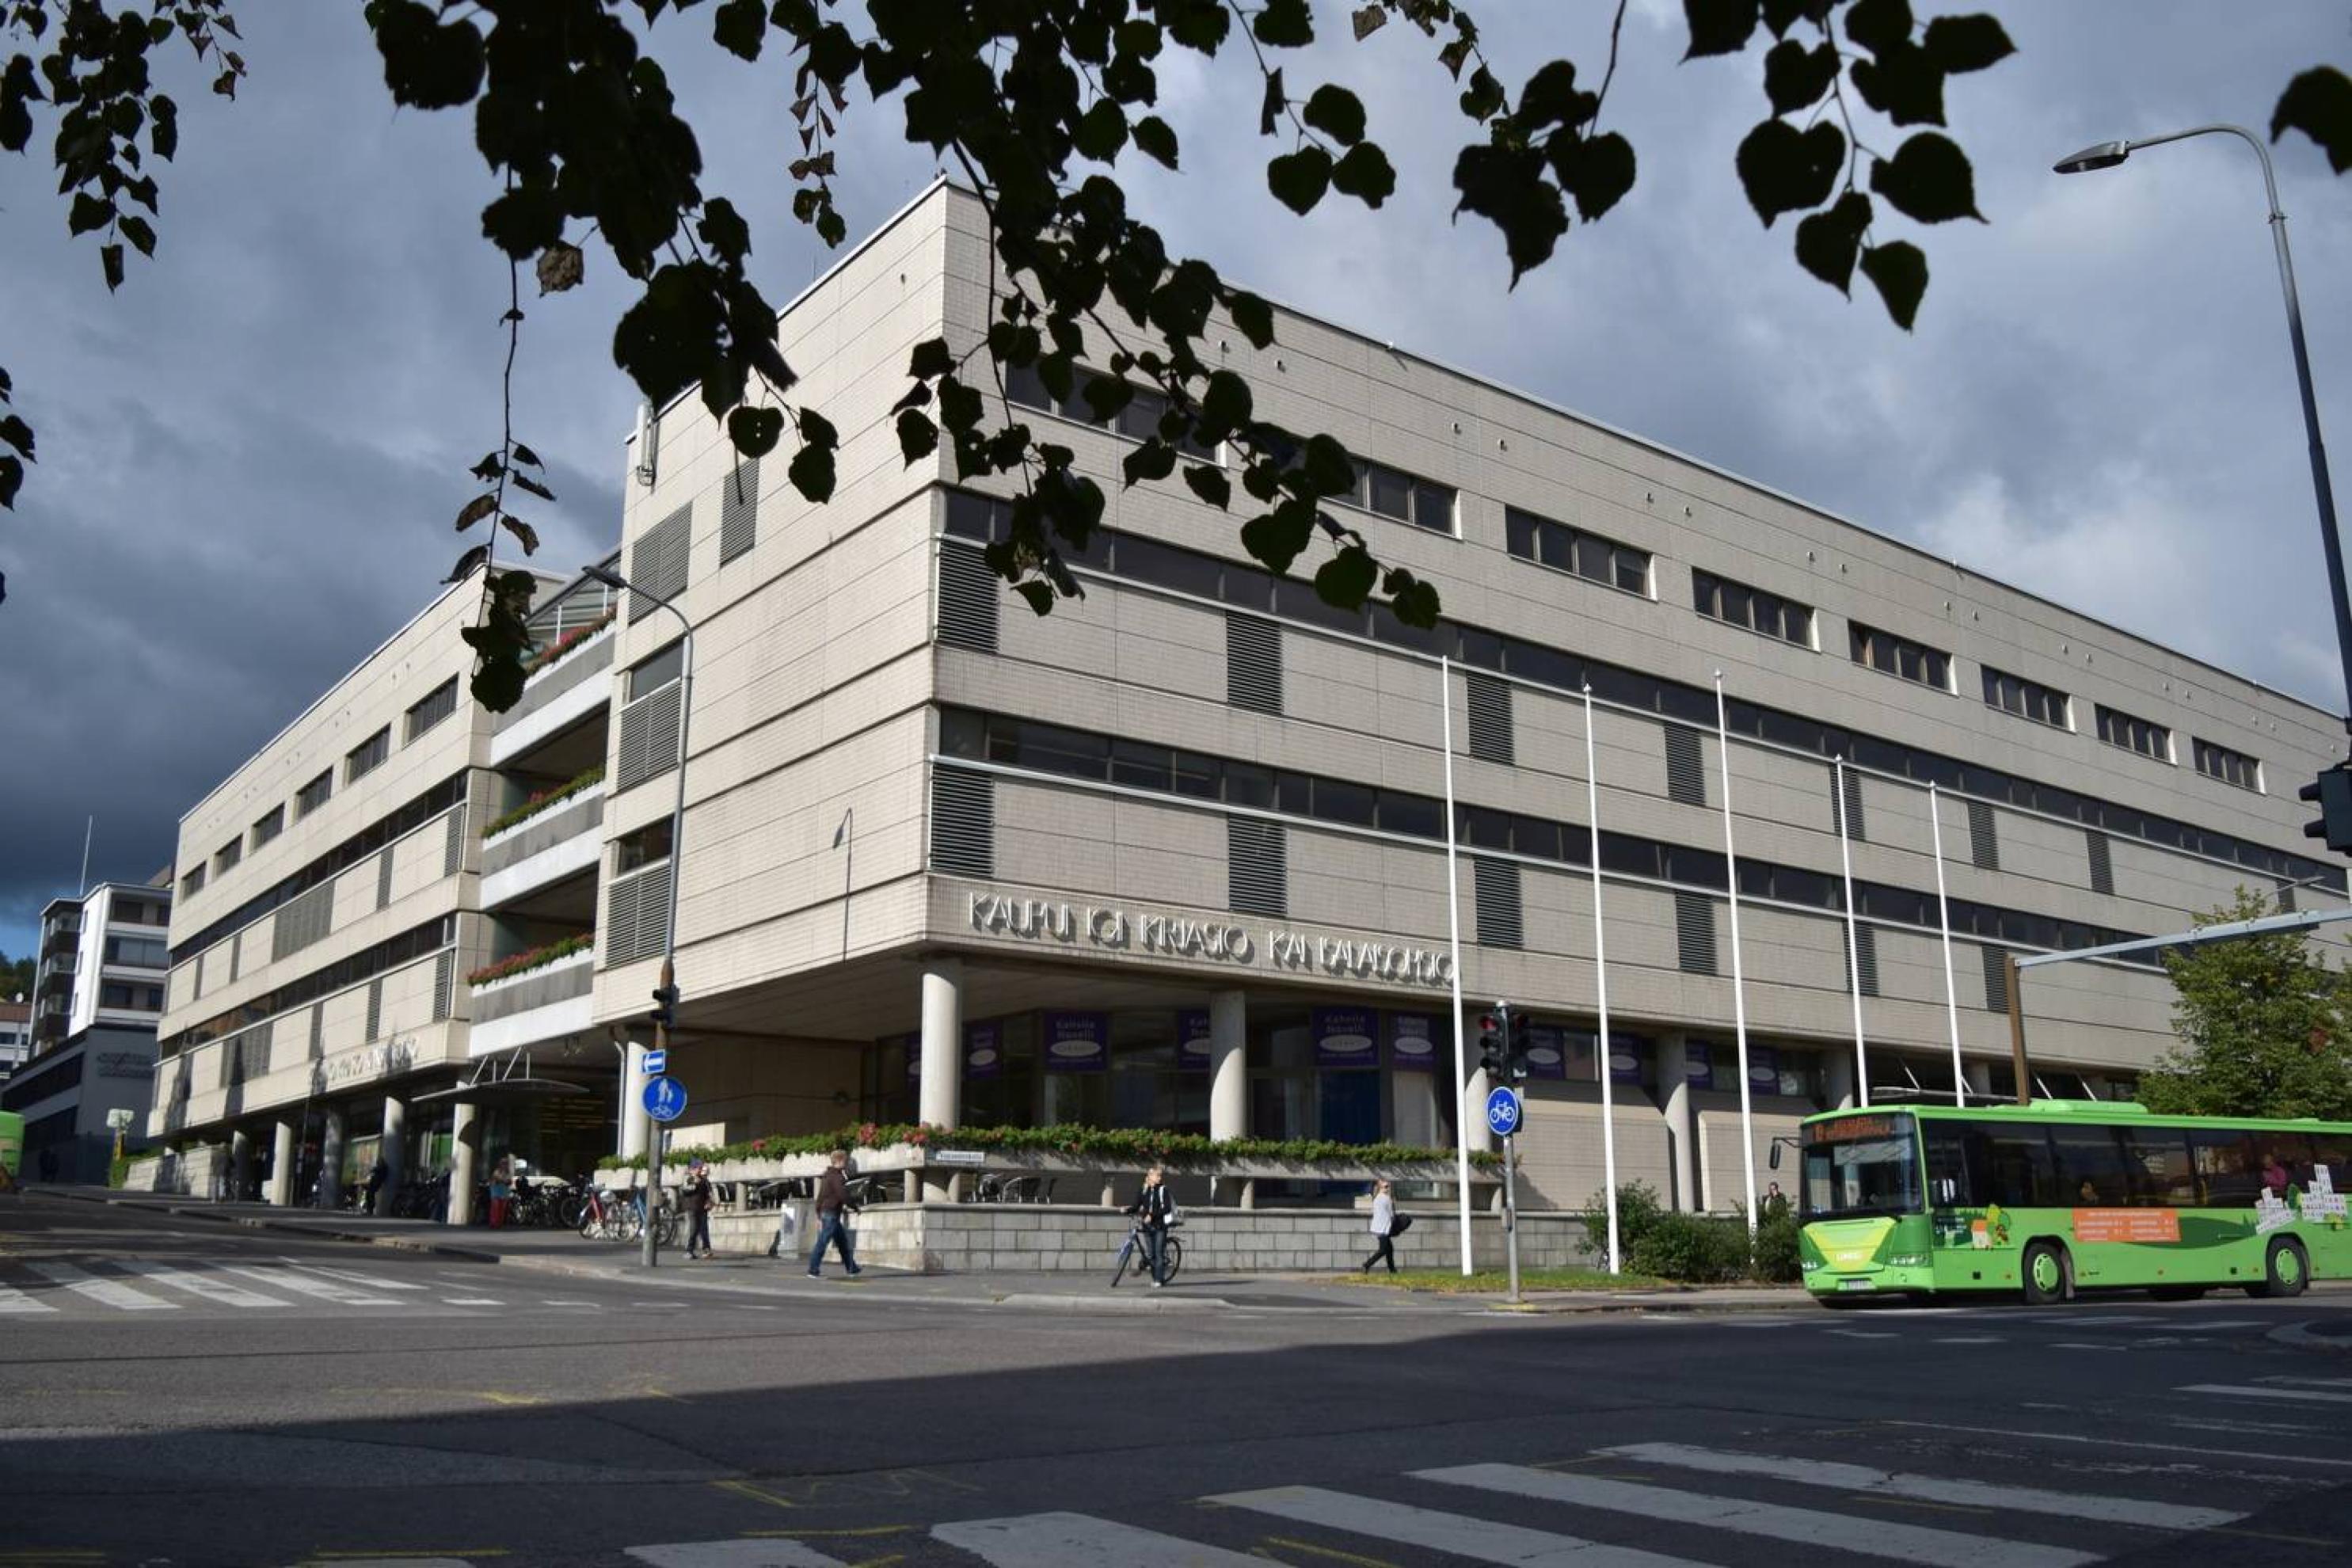 Pääkirjasto Jyväskylä